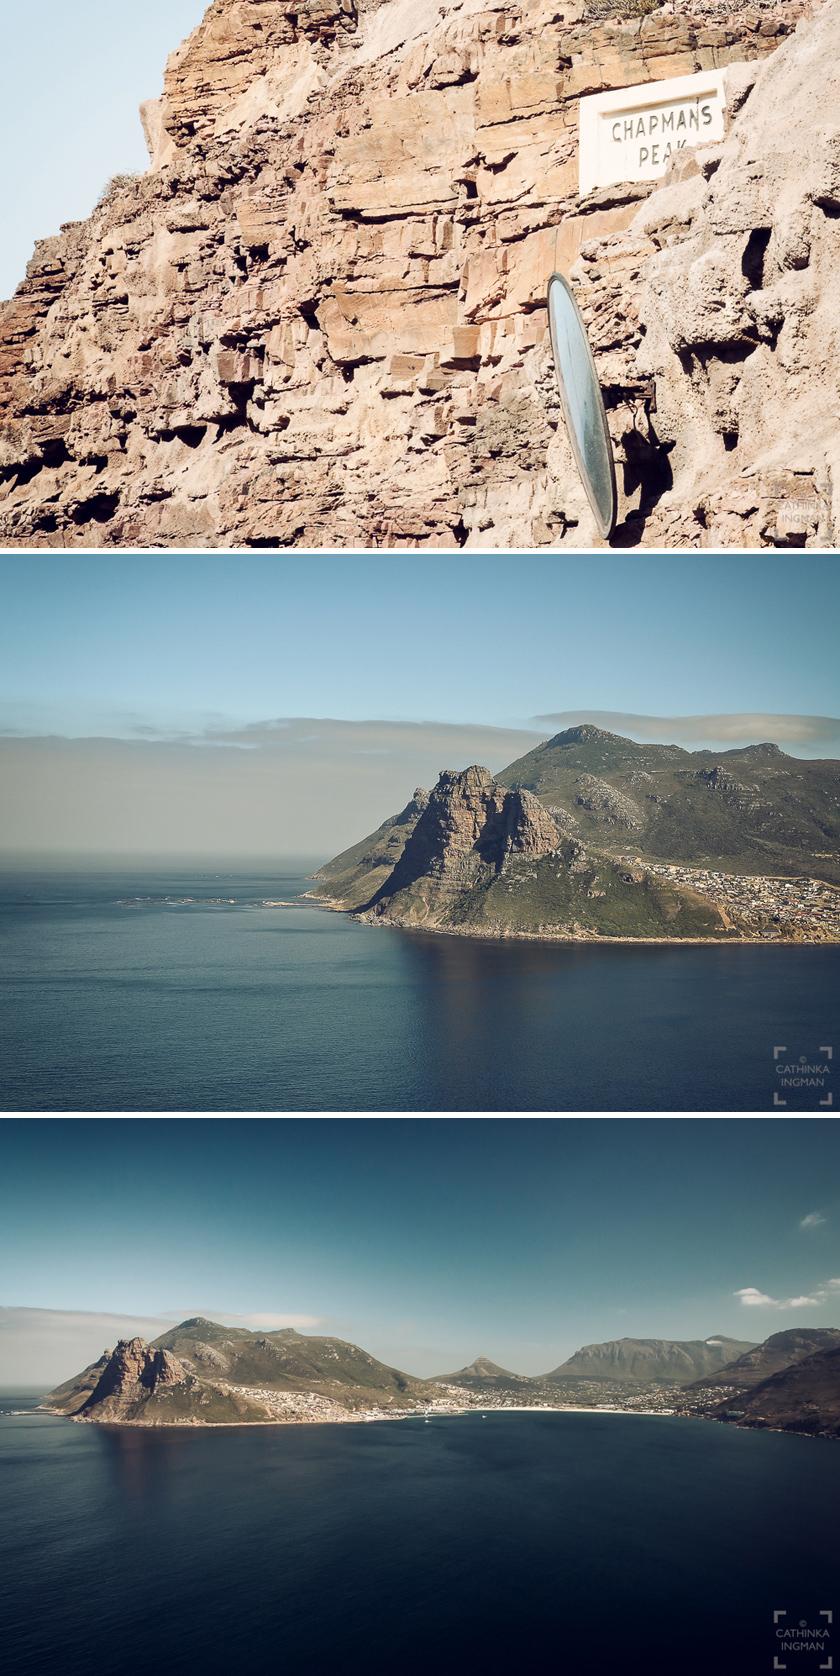 Godahoppsudden. Chapmans Peak, Cape of Good Hope